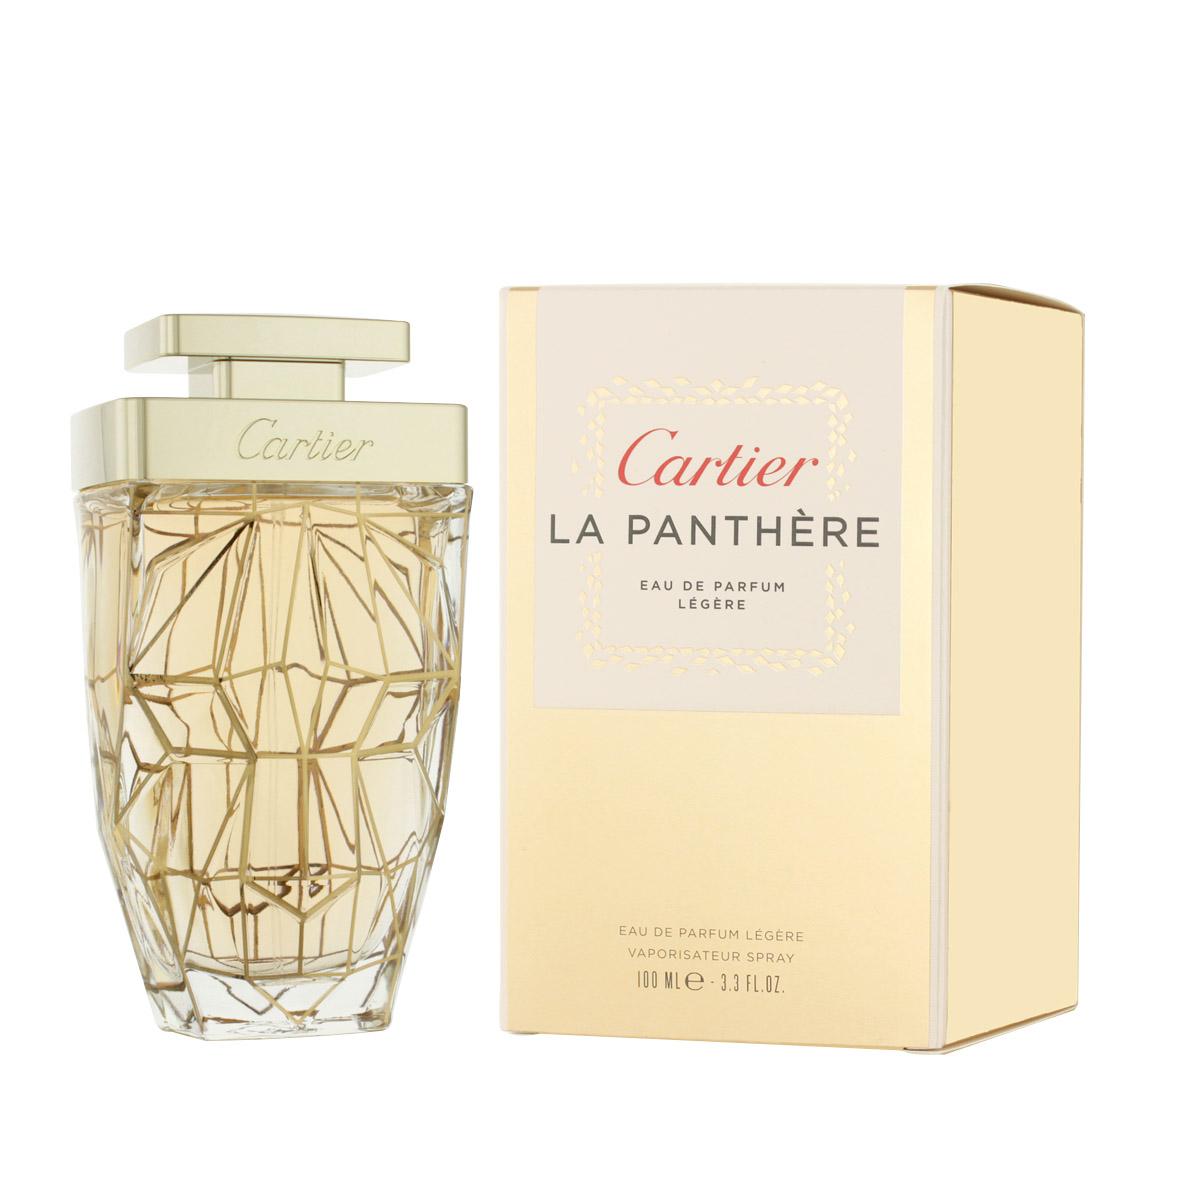 Cartier La Panthère Lègère EDP 100 ml W